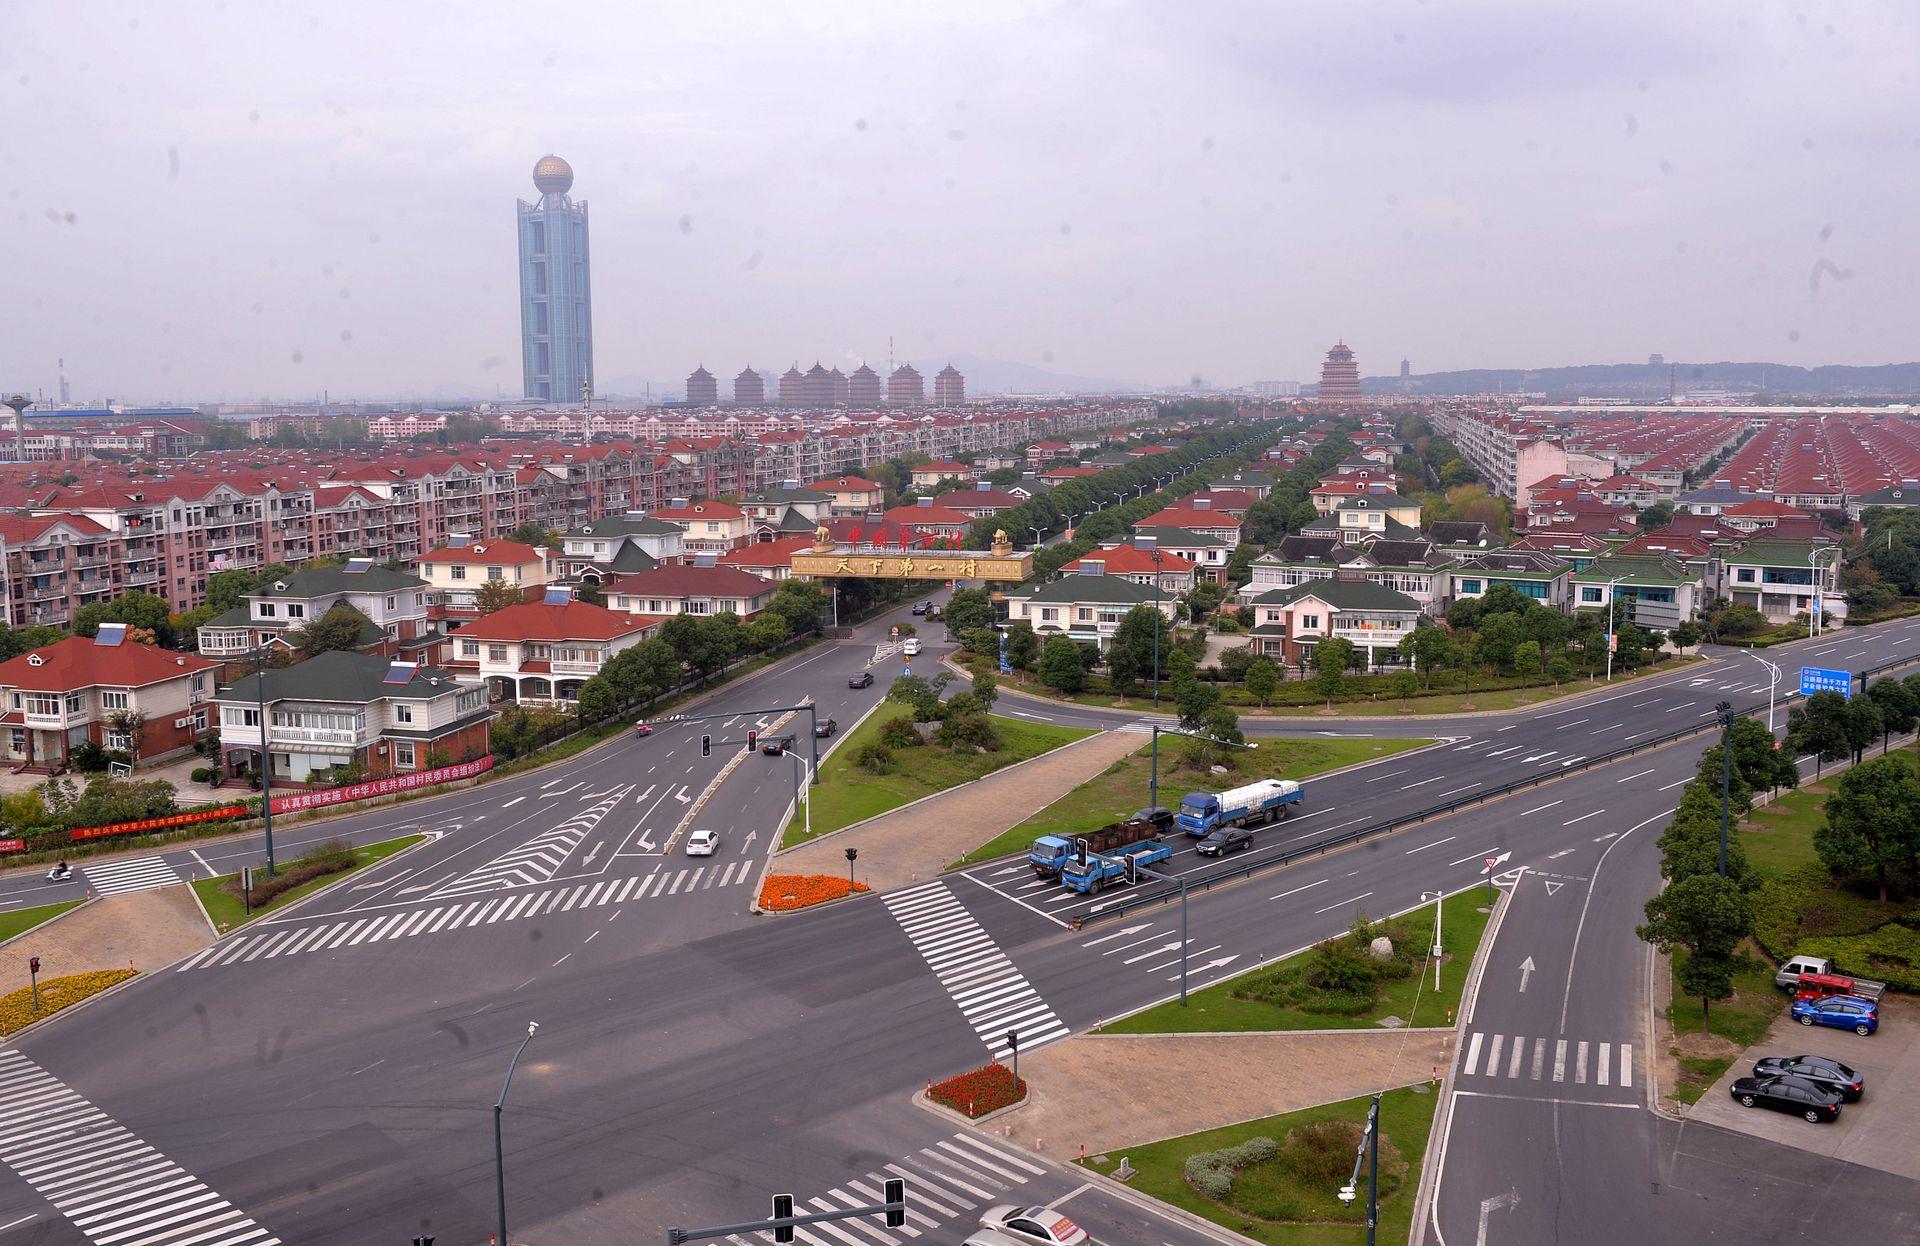 华西村有一座328米的龙希大厦。(VCG)